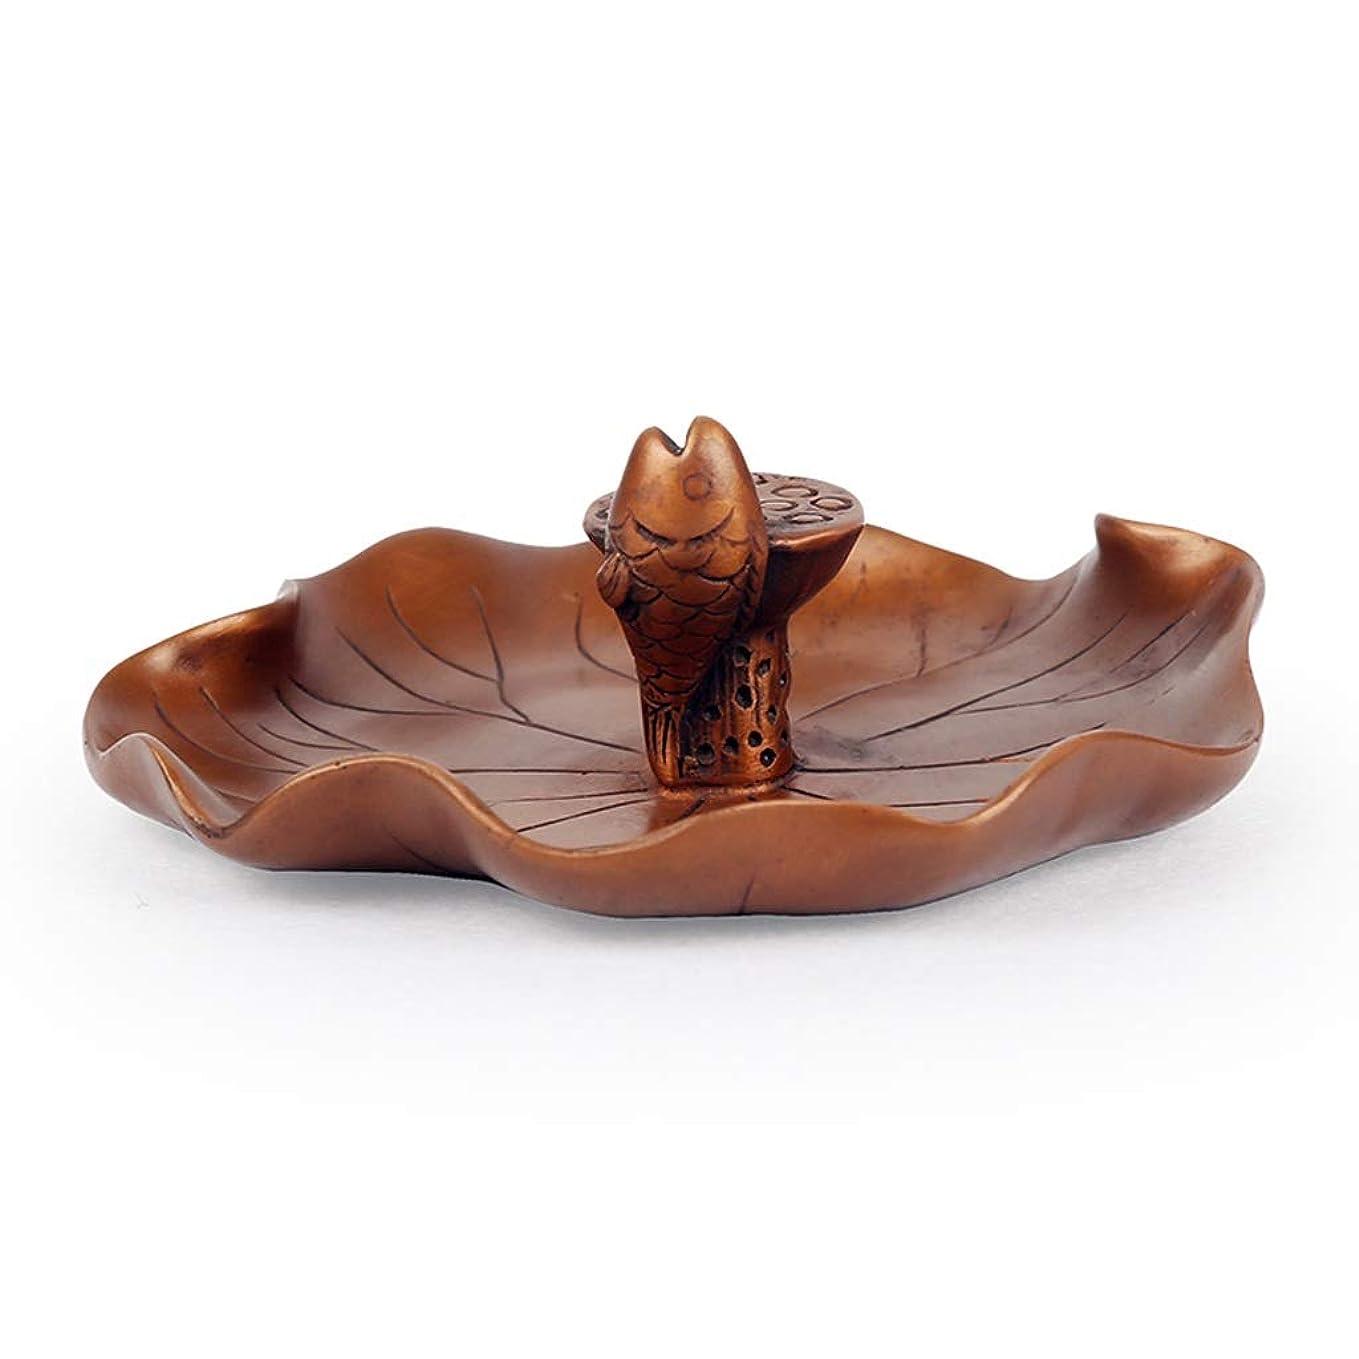 更新する強いリーホームアロマバーナー 還流香炉ホーム香りの良い禅禅ラッキー鑑賞新しいクリエイティブアガーウッド香バーナー装飾 アロマバーナー (Color : Brass)